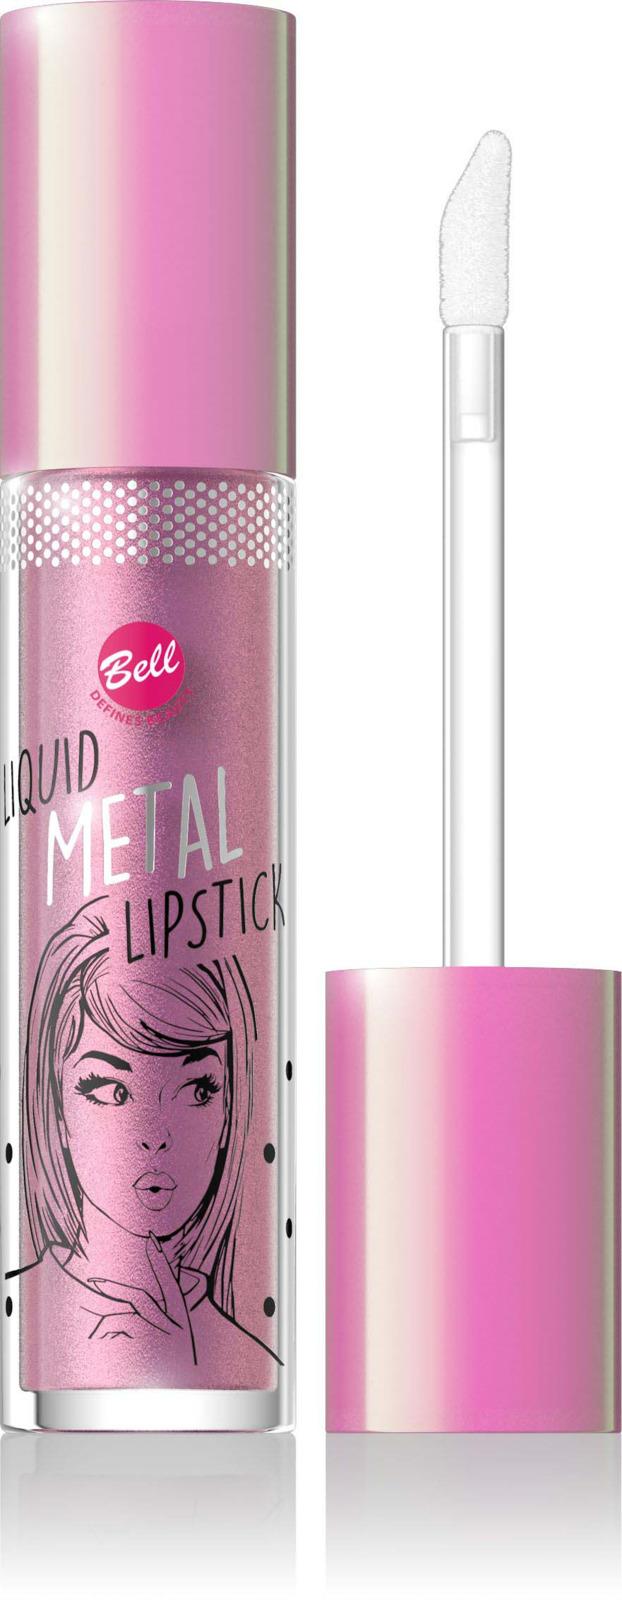 Помада жидкая с эффектом металлик Bell Liquid Metal Lipstick, тон №02 помада жидкая с эффектом металлик bell liquid metal lipstick тон 03